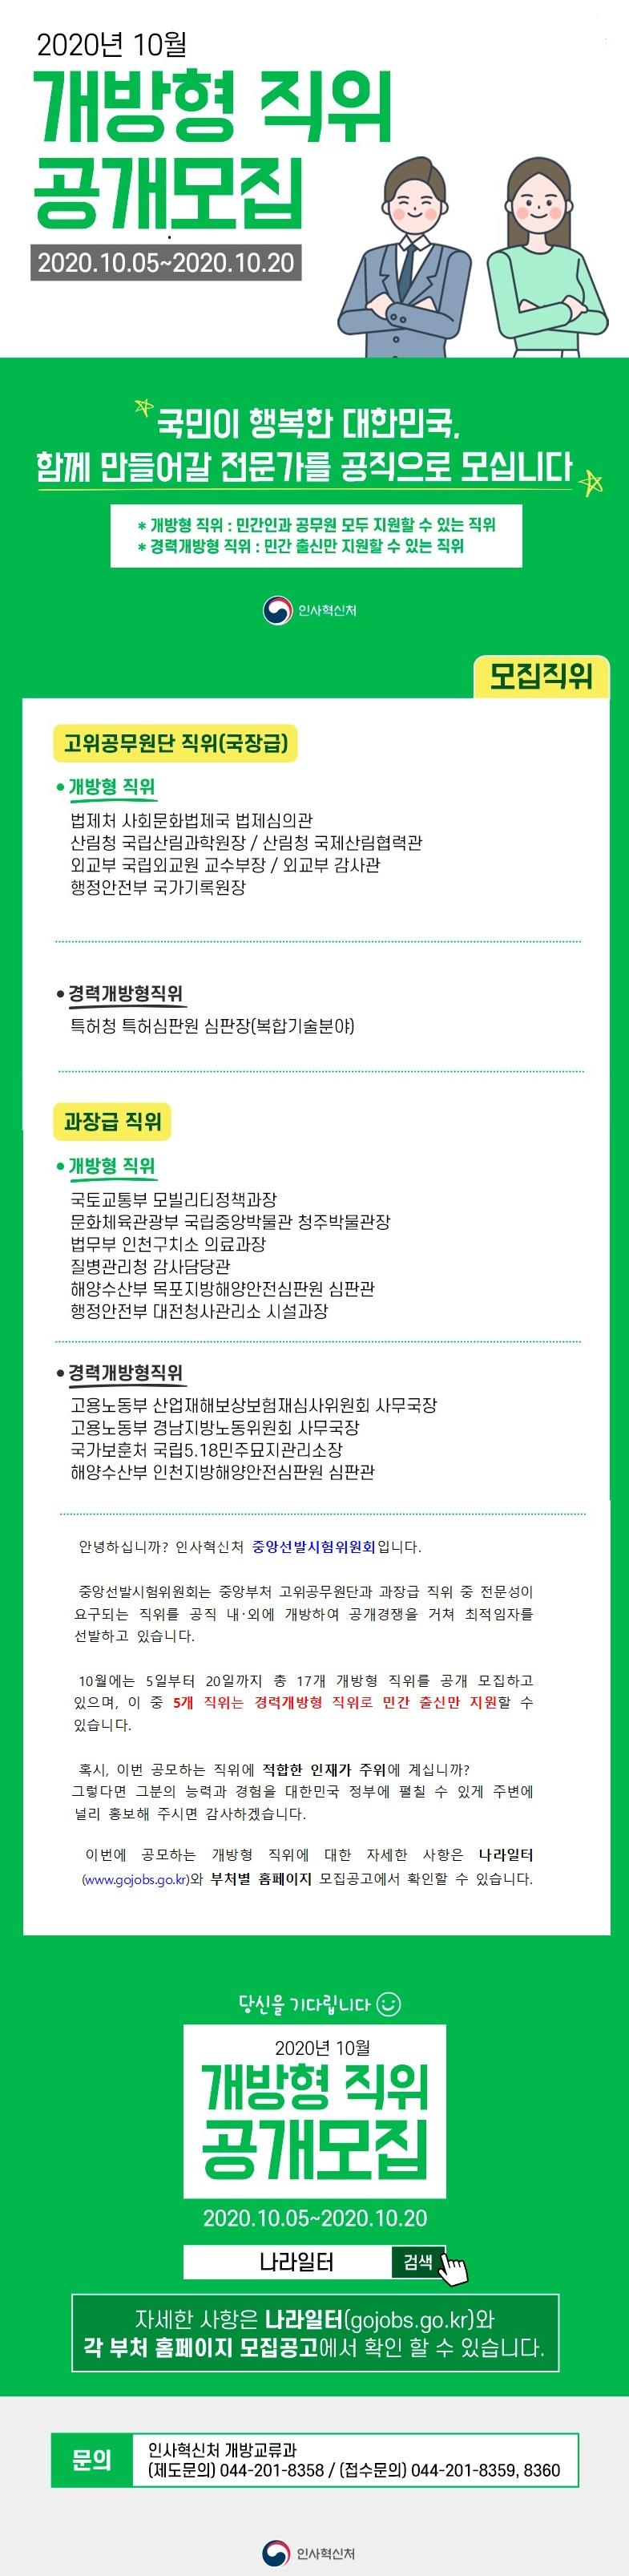 20.10.인사혁신처개방형.png